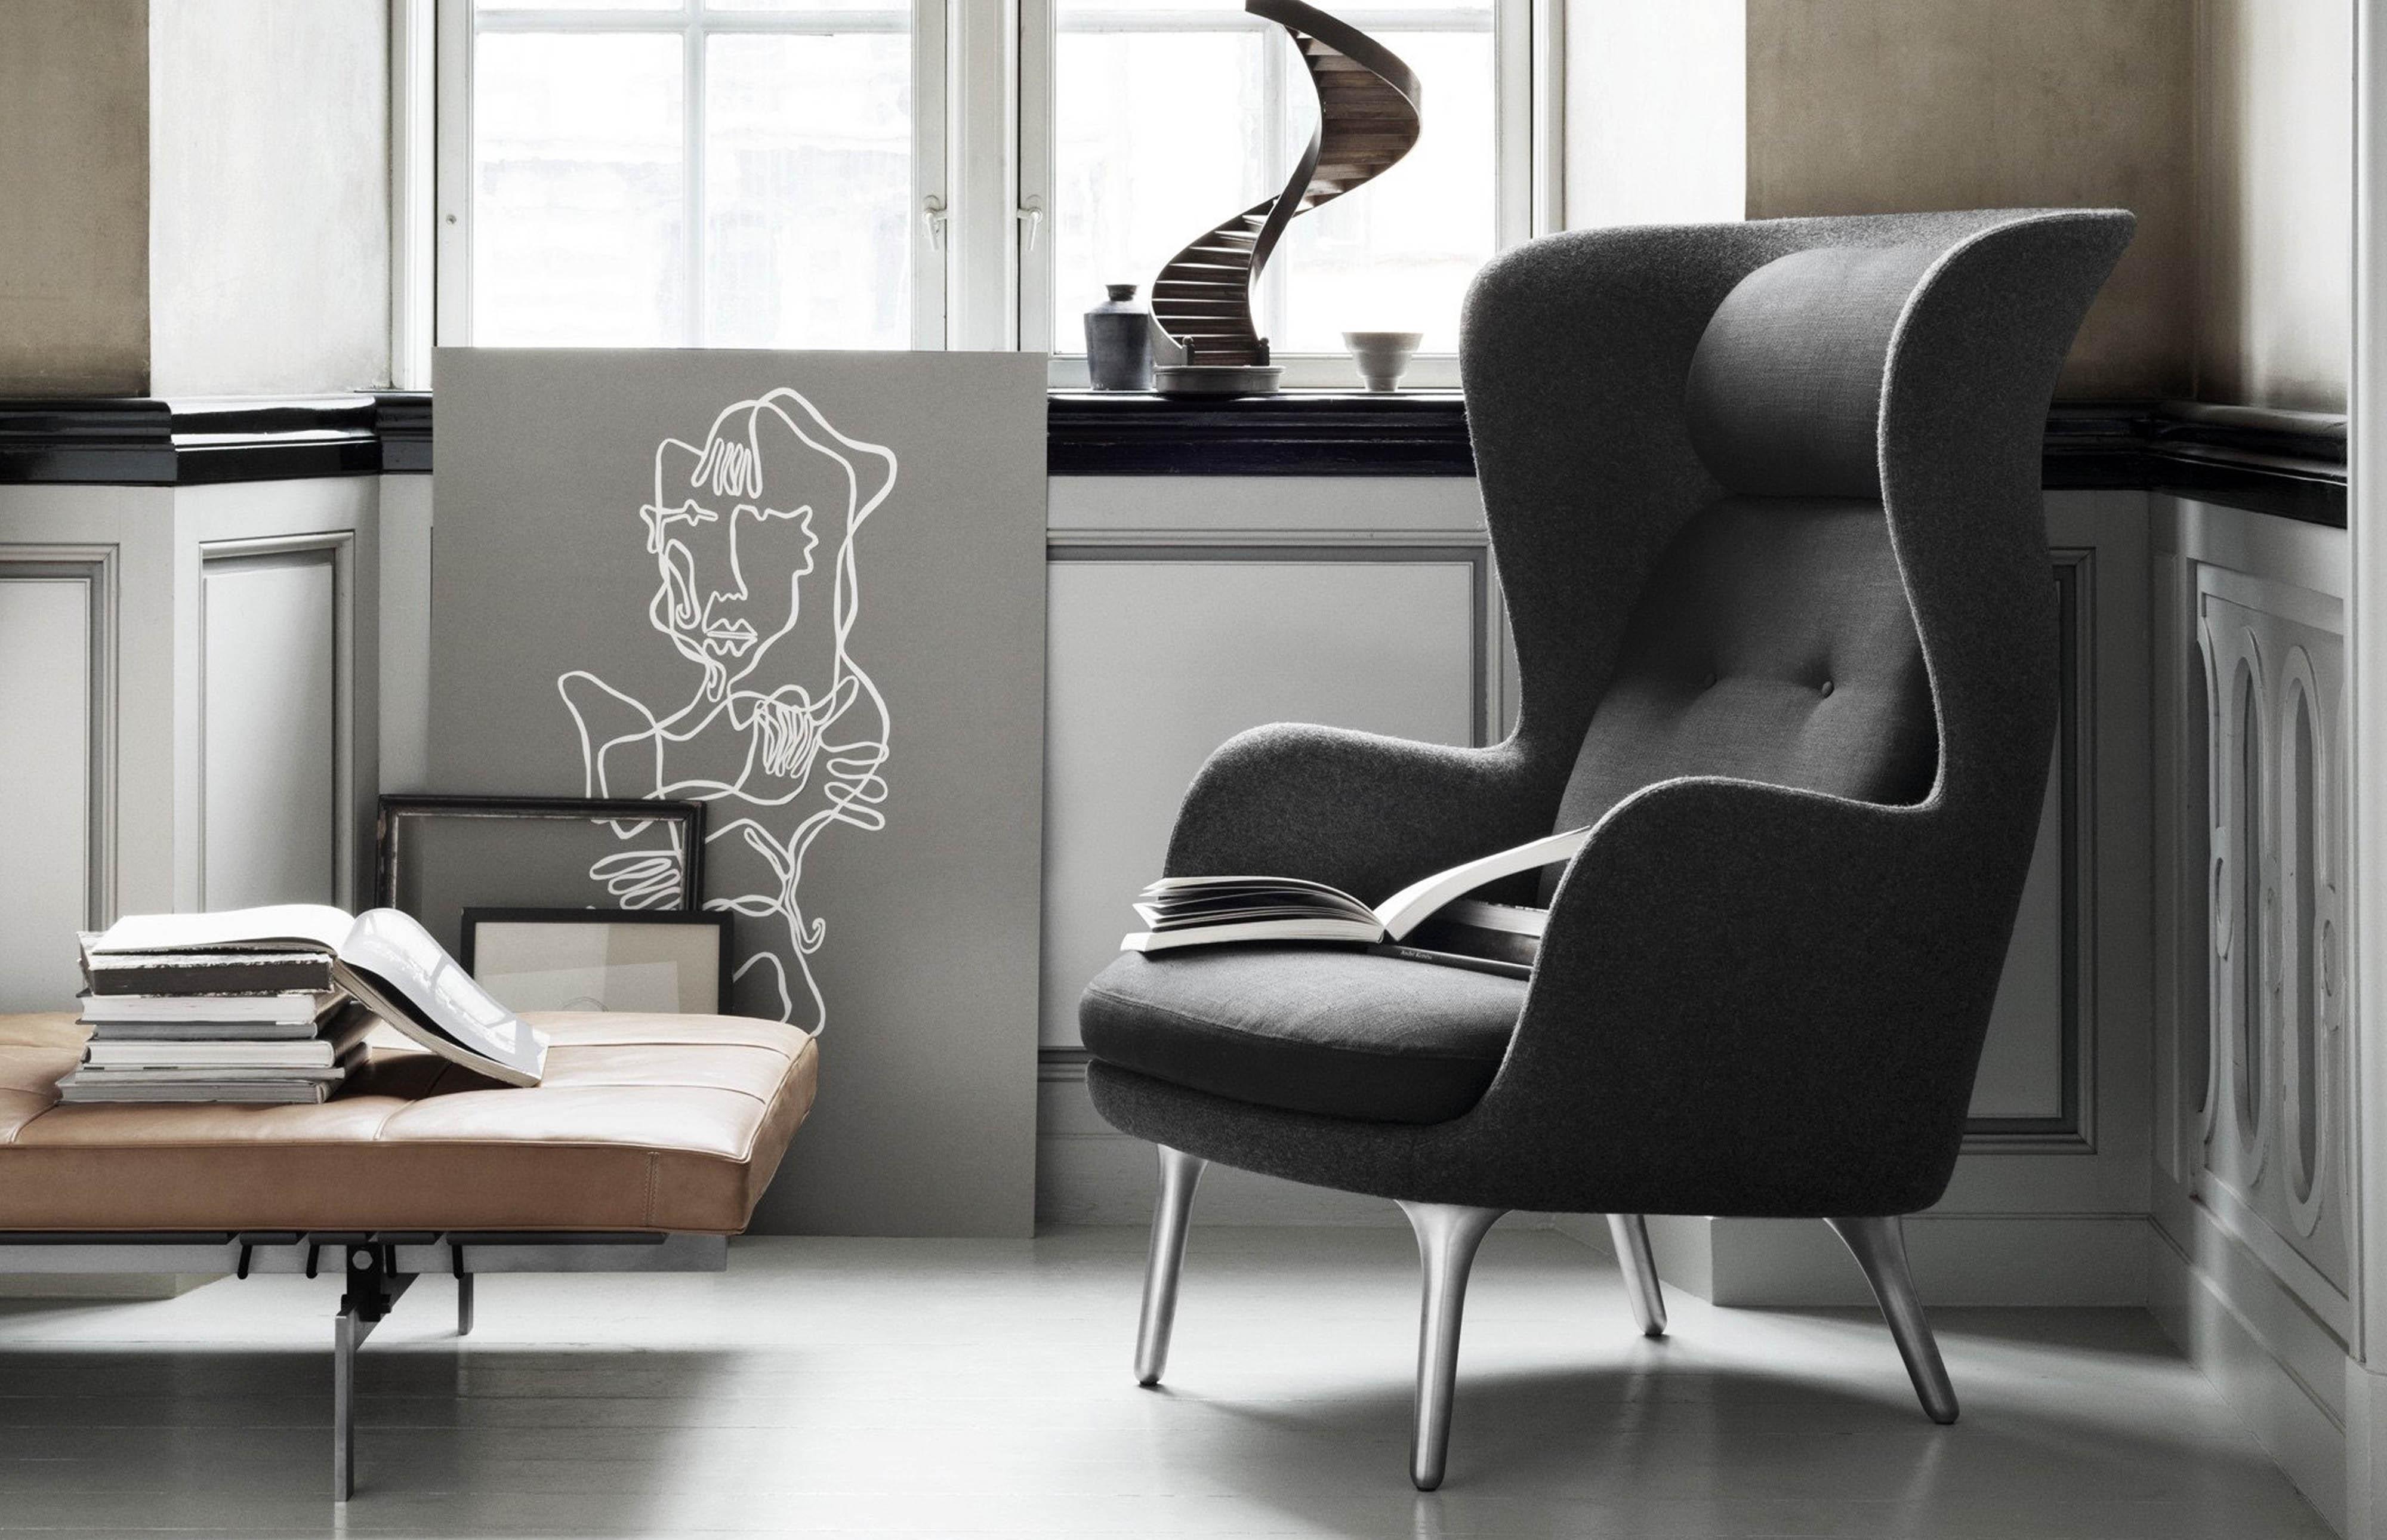 ro-chair-chair